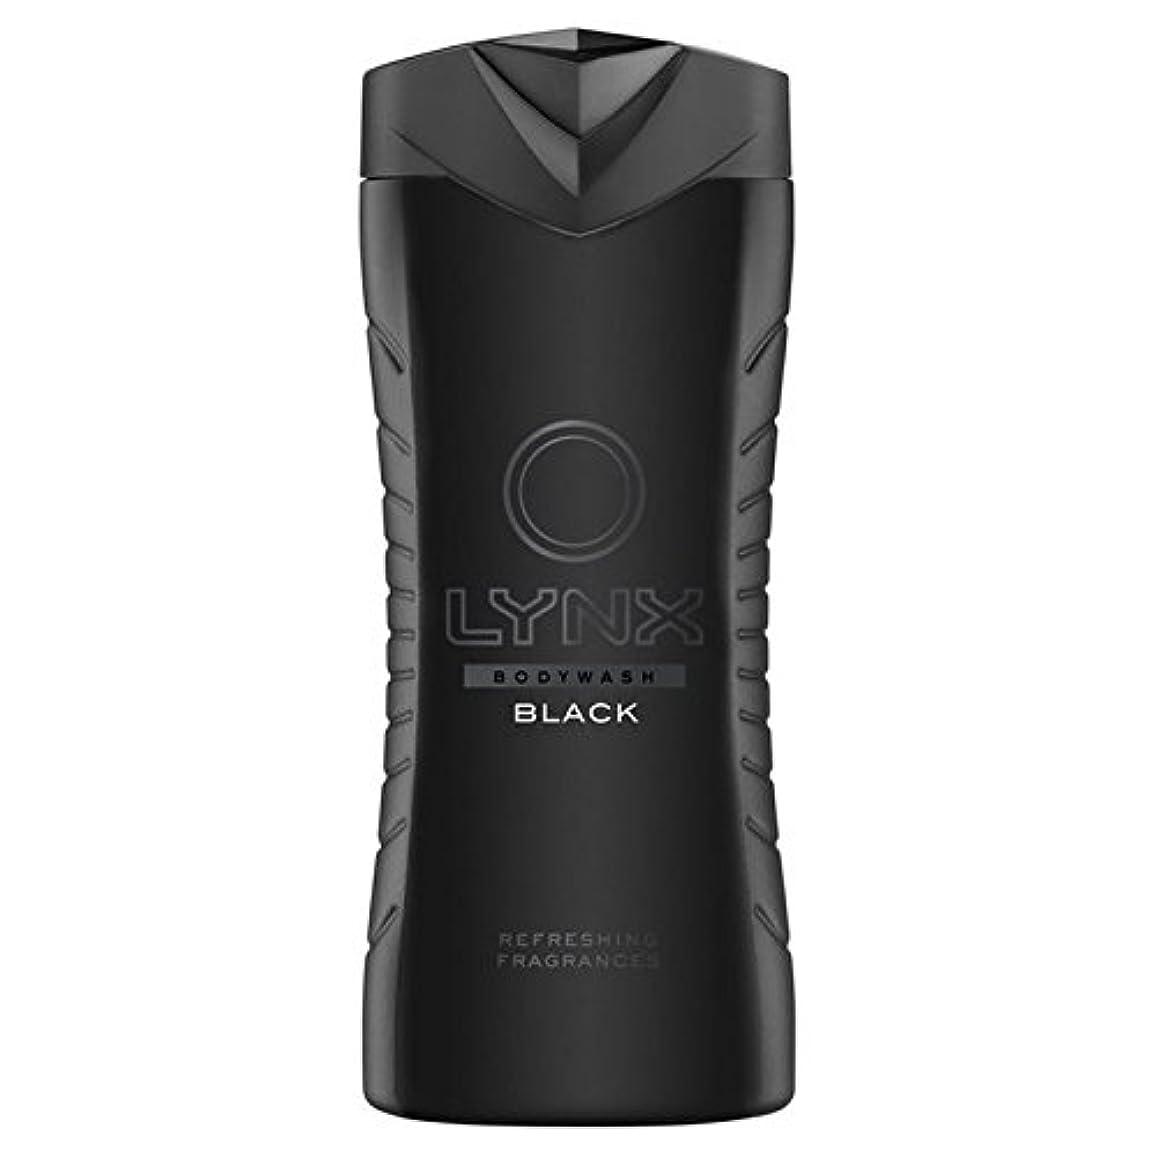 ファンブル呼吸効能あるLynx Black Shower Gel 400ml (Pack of 6) - オオヤマネコブラックシャワージェル400ミリリットル x6 [並行輸入品]